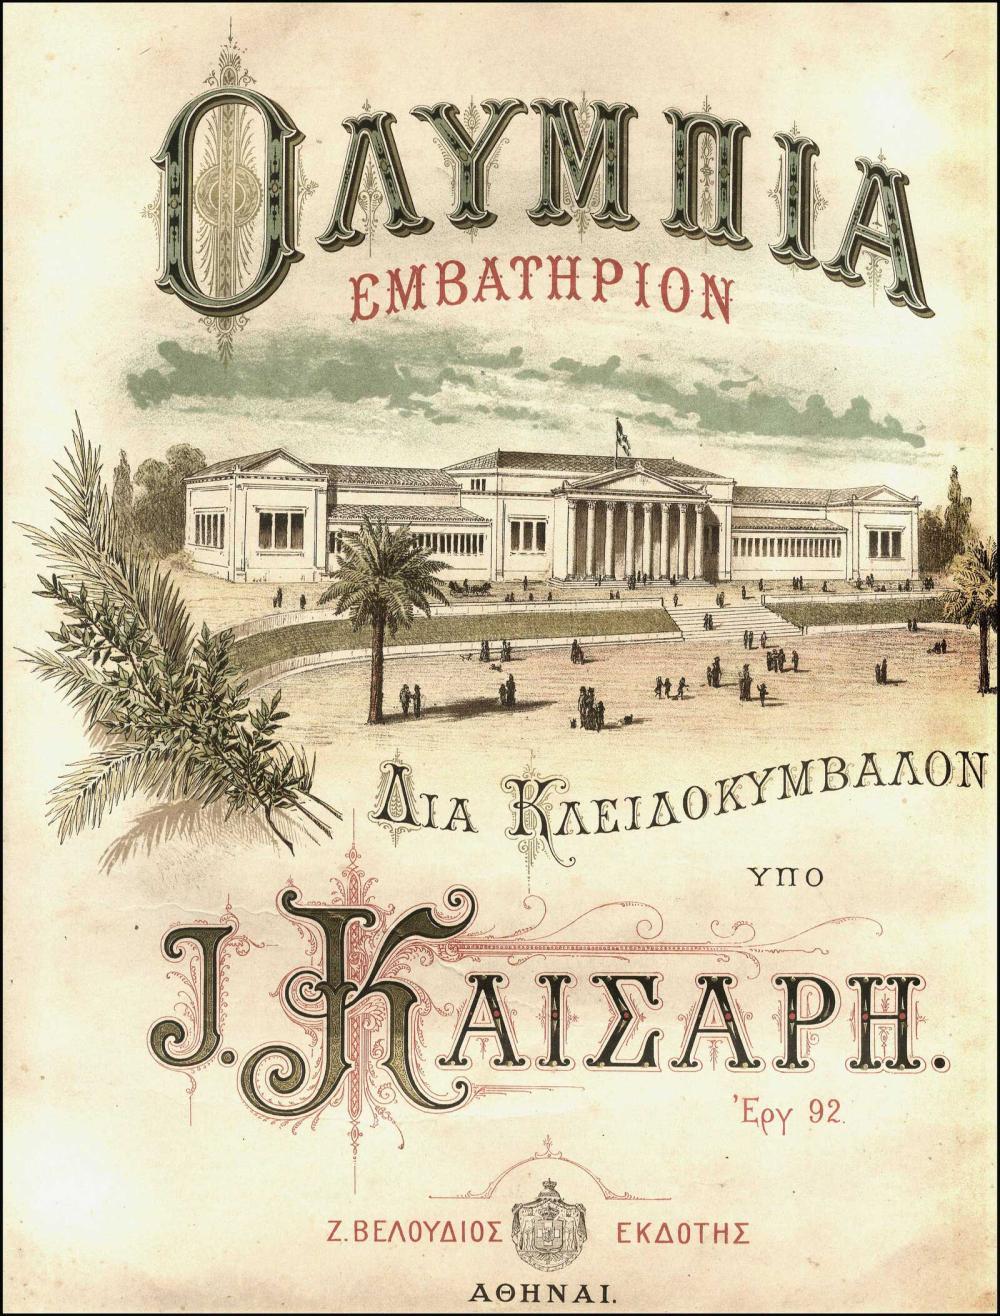 «ΟΛΥΜΠΙΑ Εμβατήριον διά κλειδοκύμβαλον υπό Ι. Καίσαρη. Εργ. 92 / Ζ.... - Greece - OLYMPIC MEMORABILIA